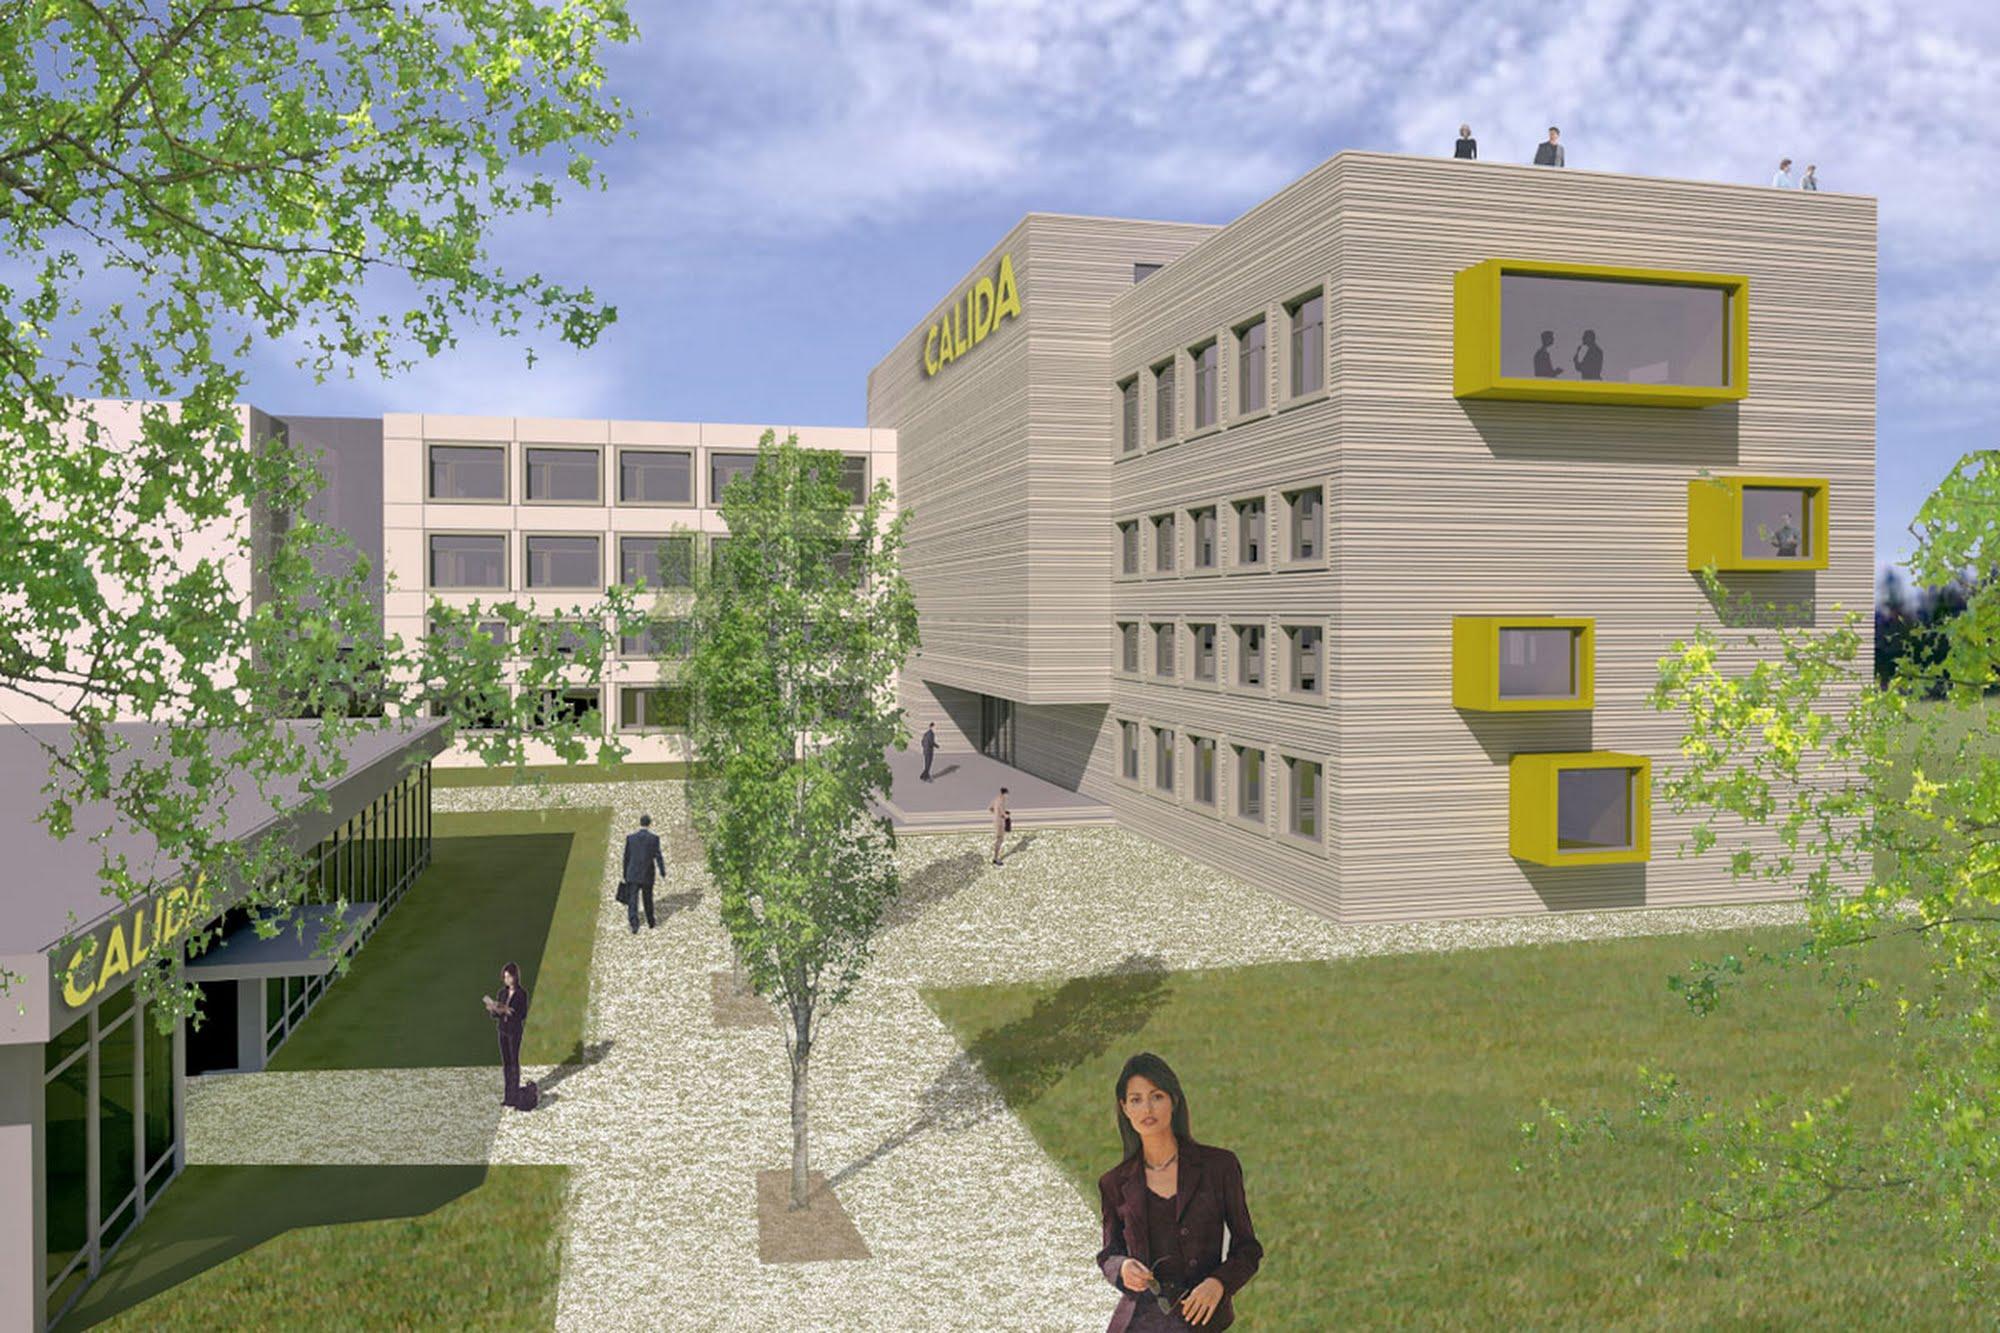 Gewerbe Sanierung Industrieareal Calida Architektur,Wohnungsbau,Wohnhäuser,Einfamilienhäuser,Mehrfamilienhäuser